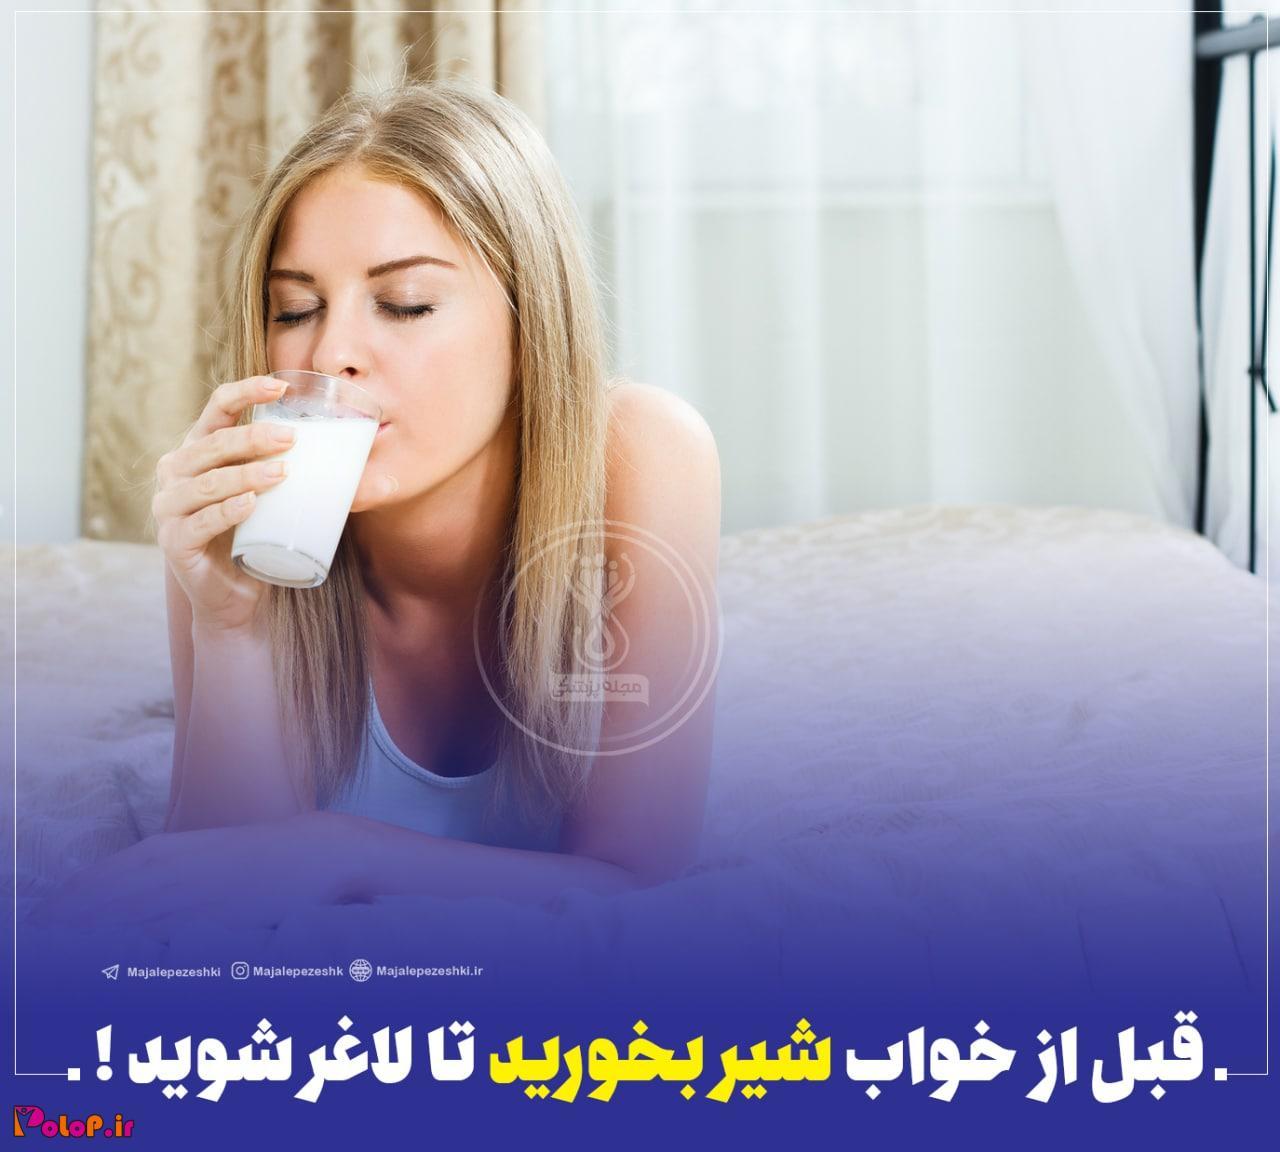 اگر میخواهید لاغر شوید، قبل از خواب شیر بخورید !🥛